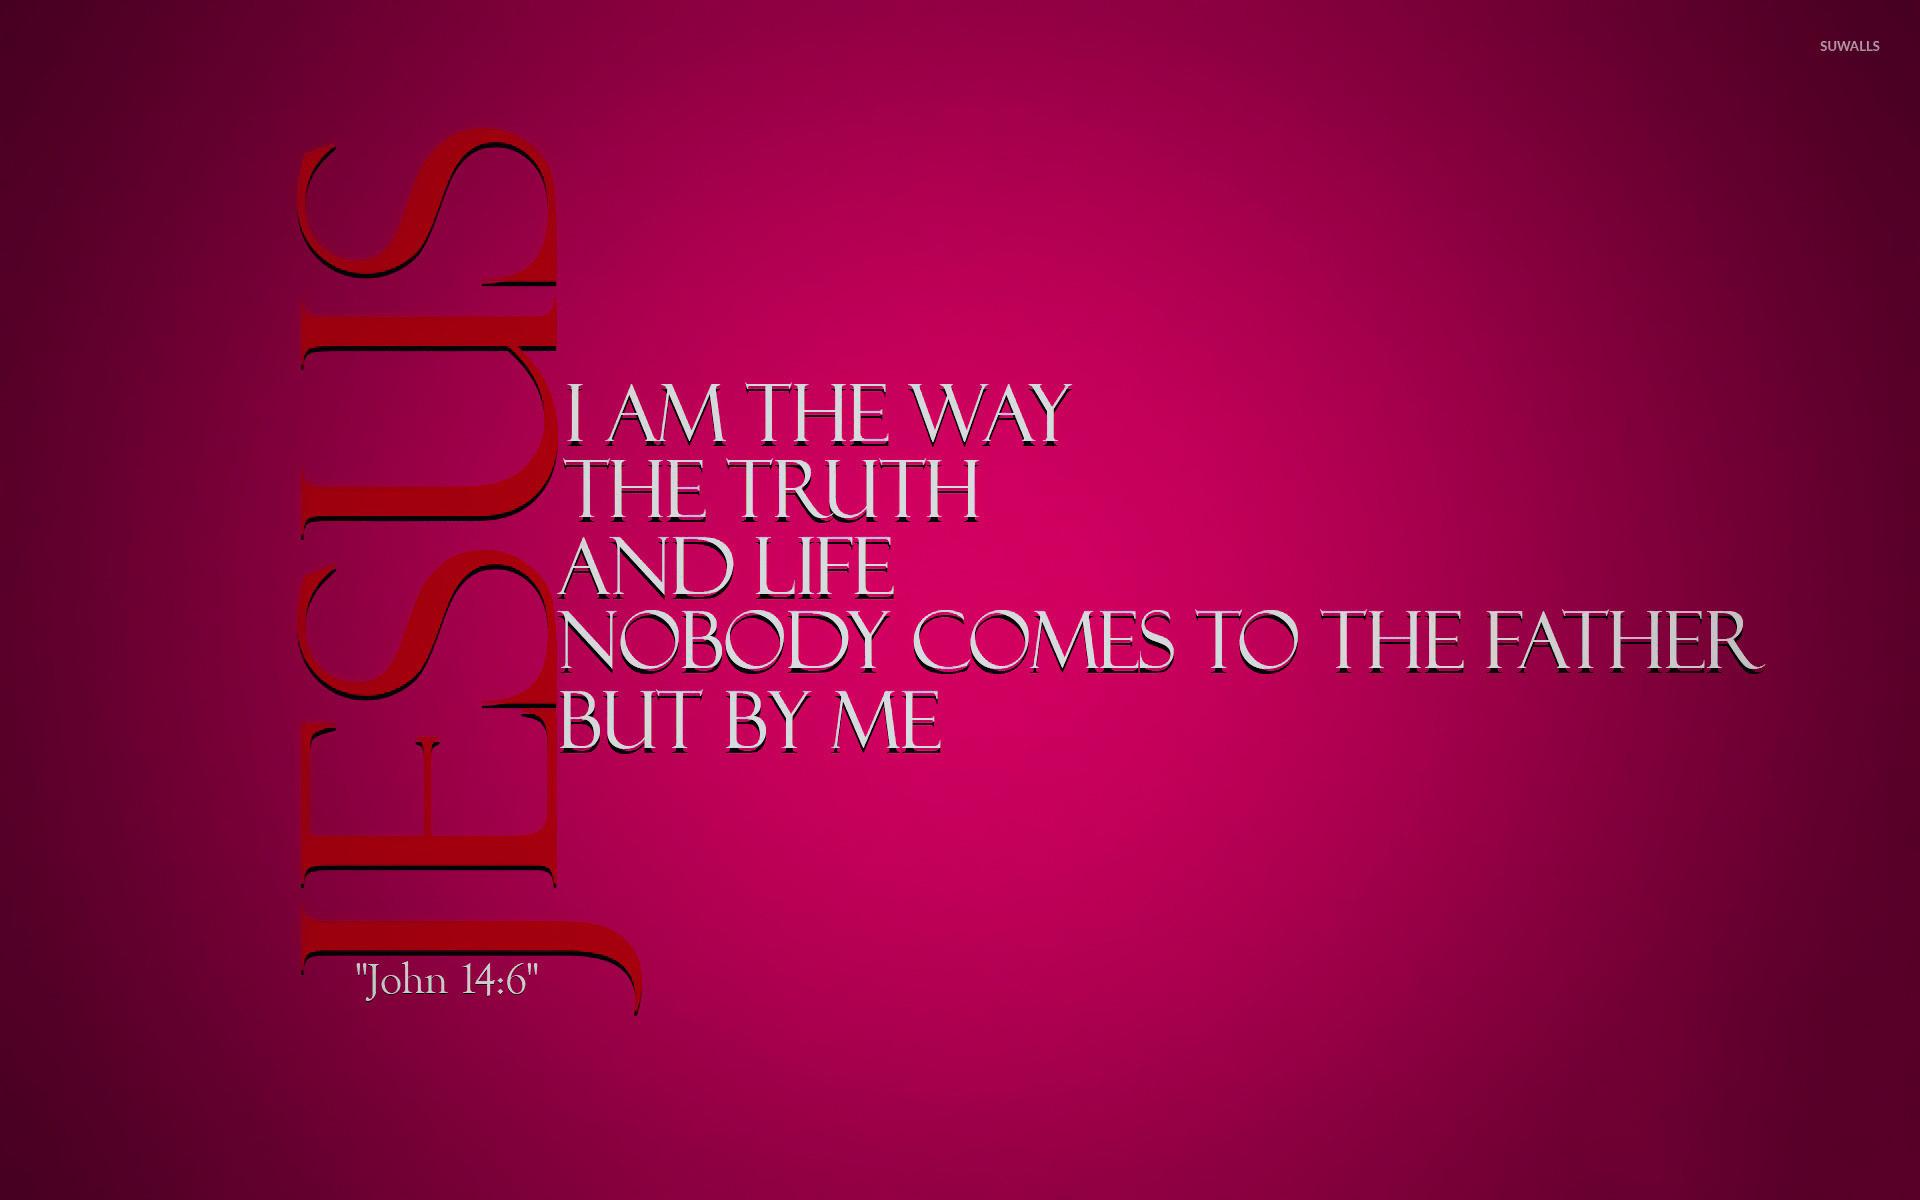 Trust Quotes Hd Wallpaper Bible Scriptures Wallpaper 183 ①